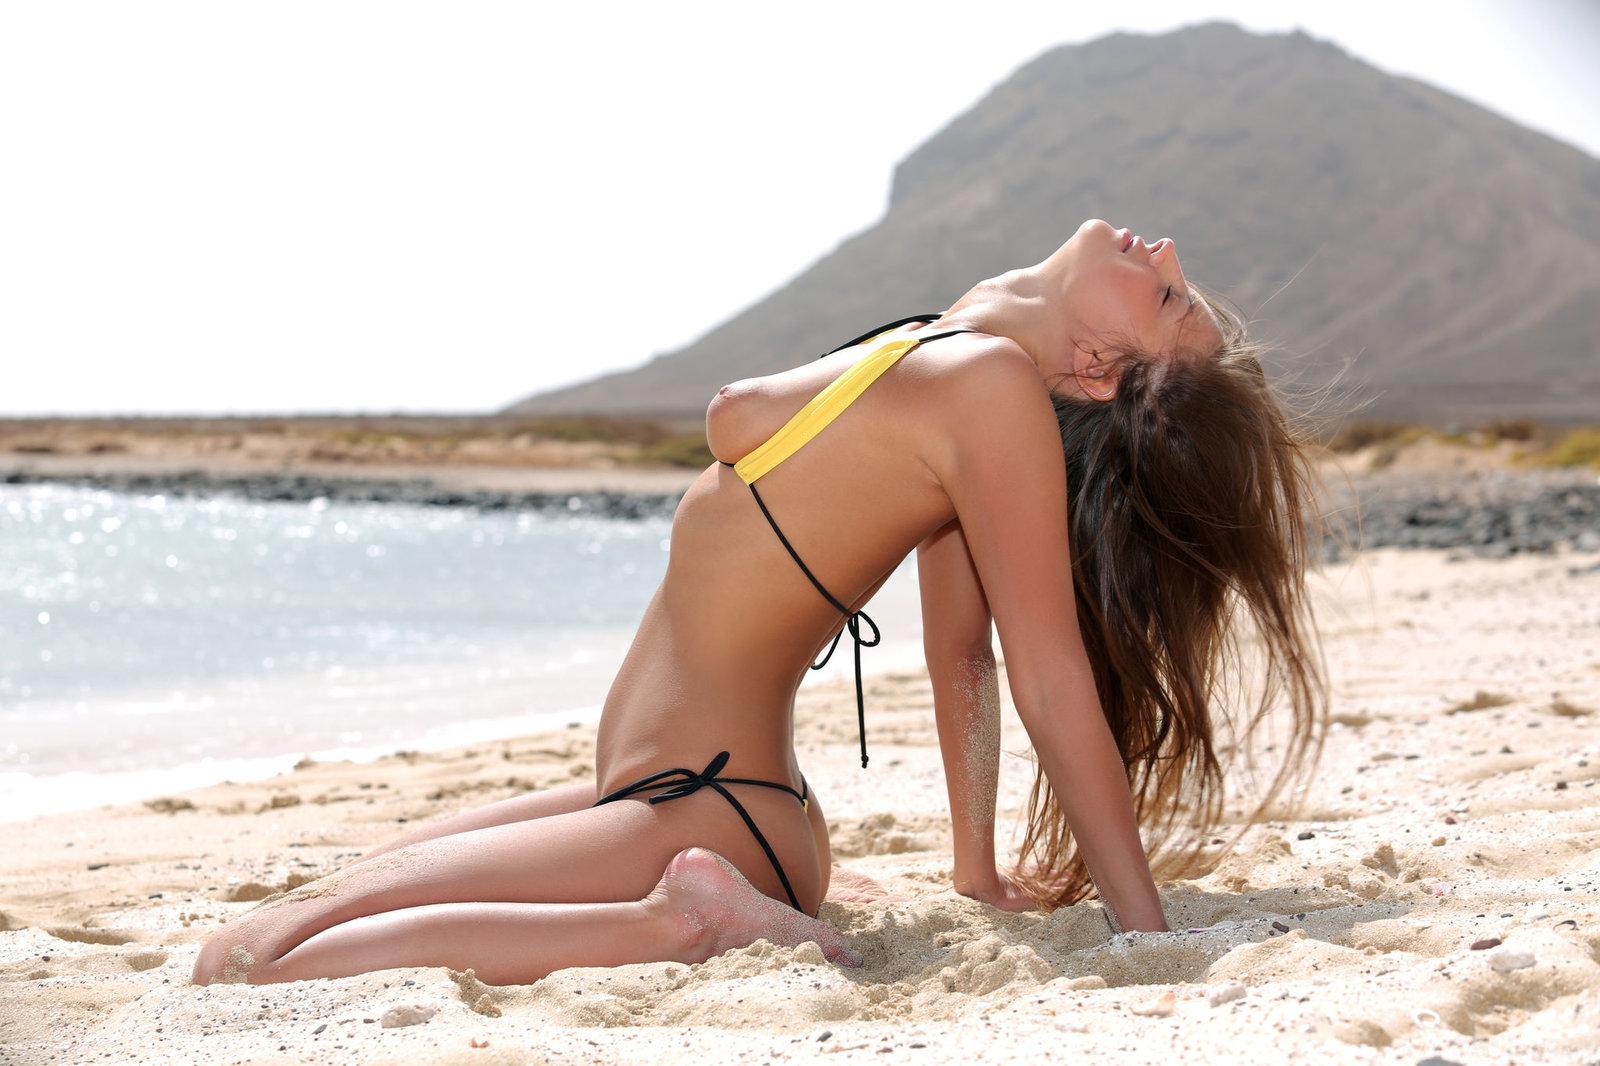 Zdjęcie porno - 0612 - Modelka w bikini na plaży